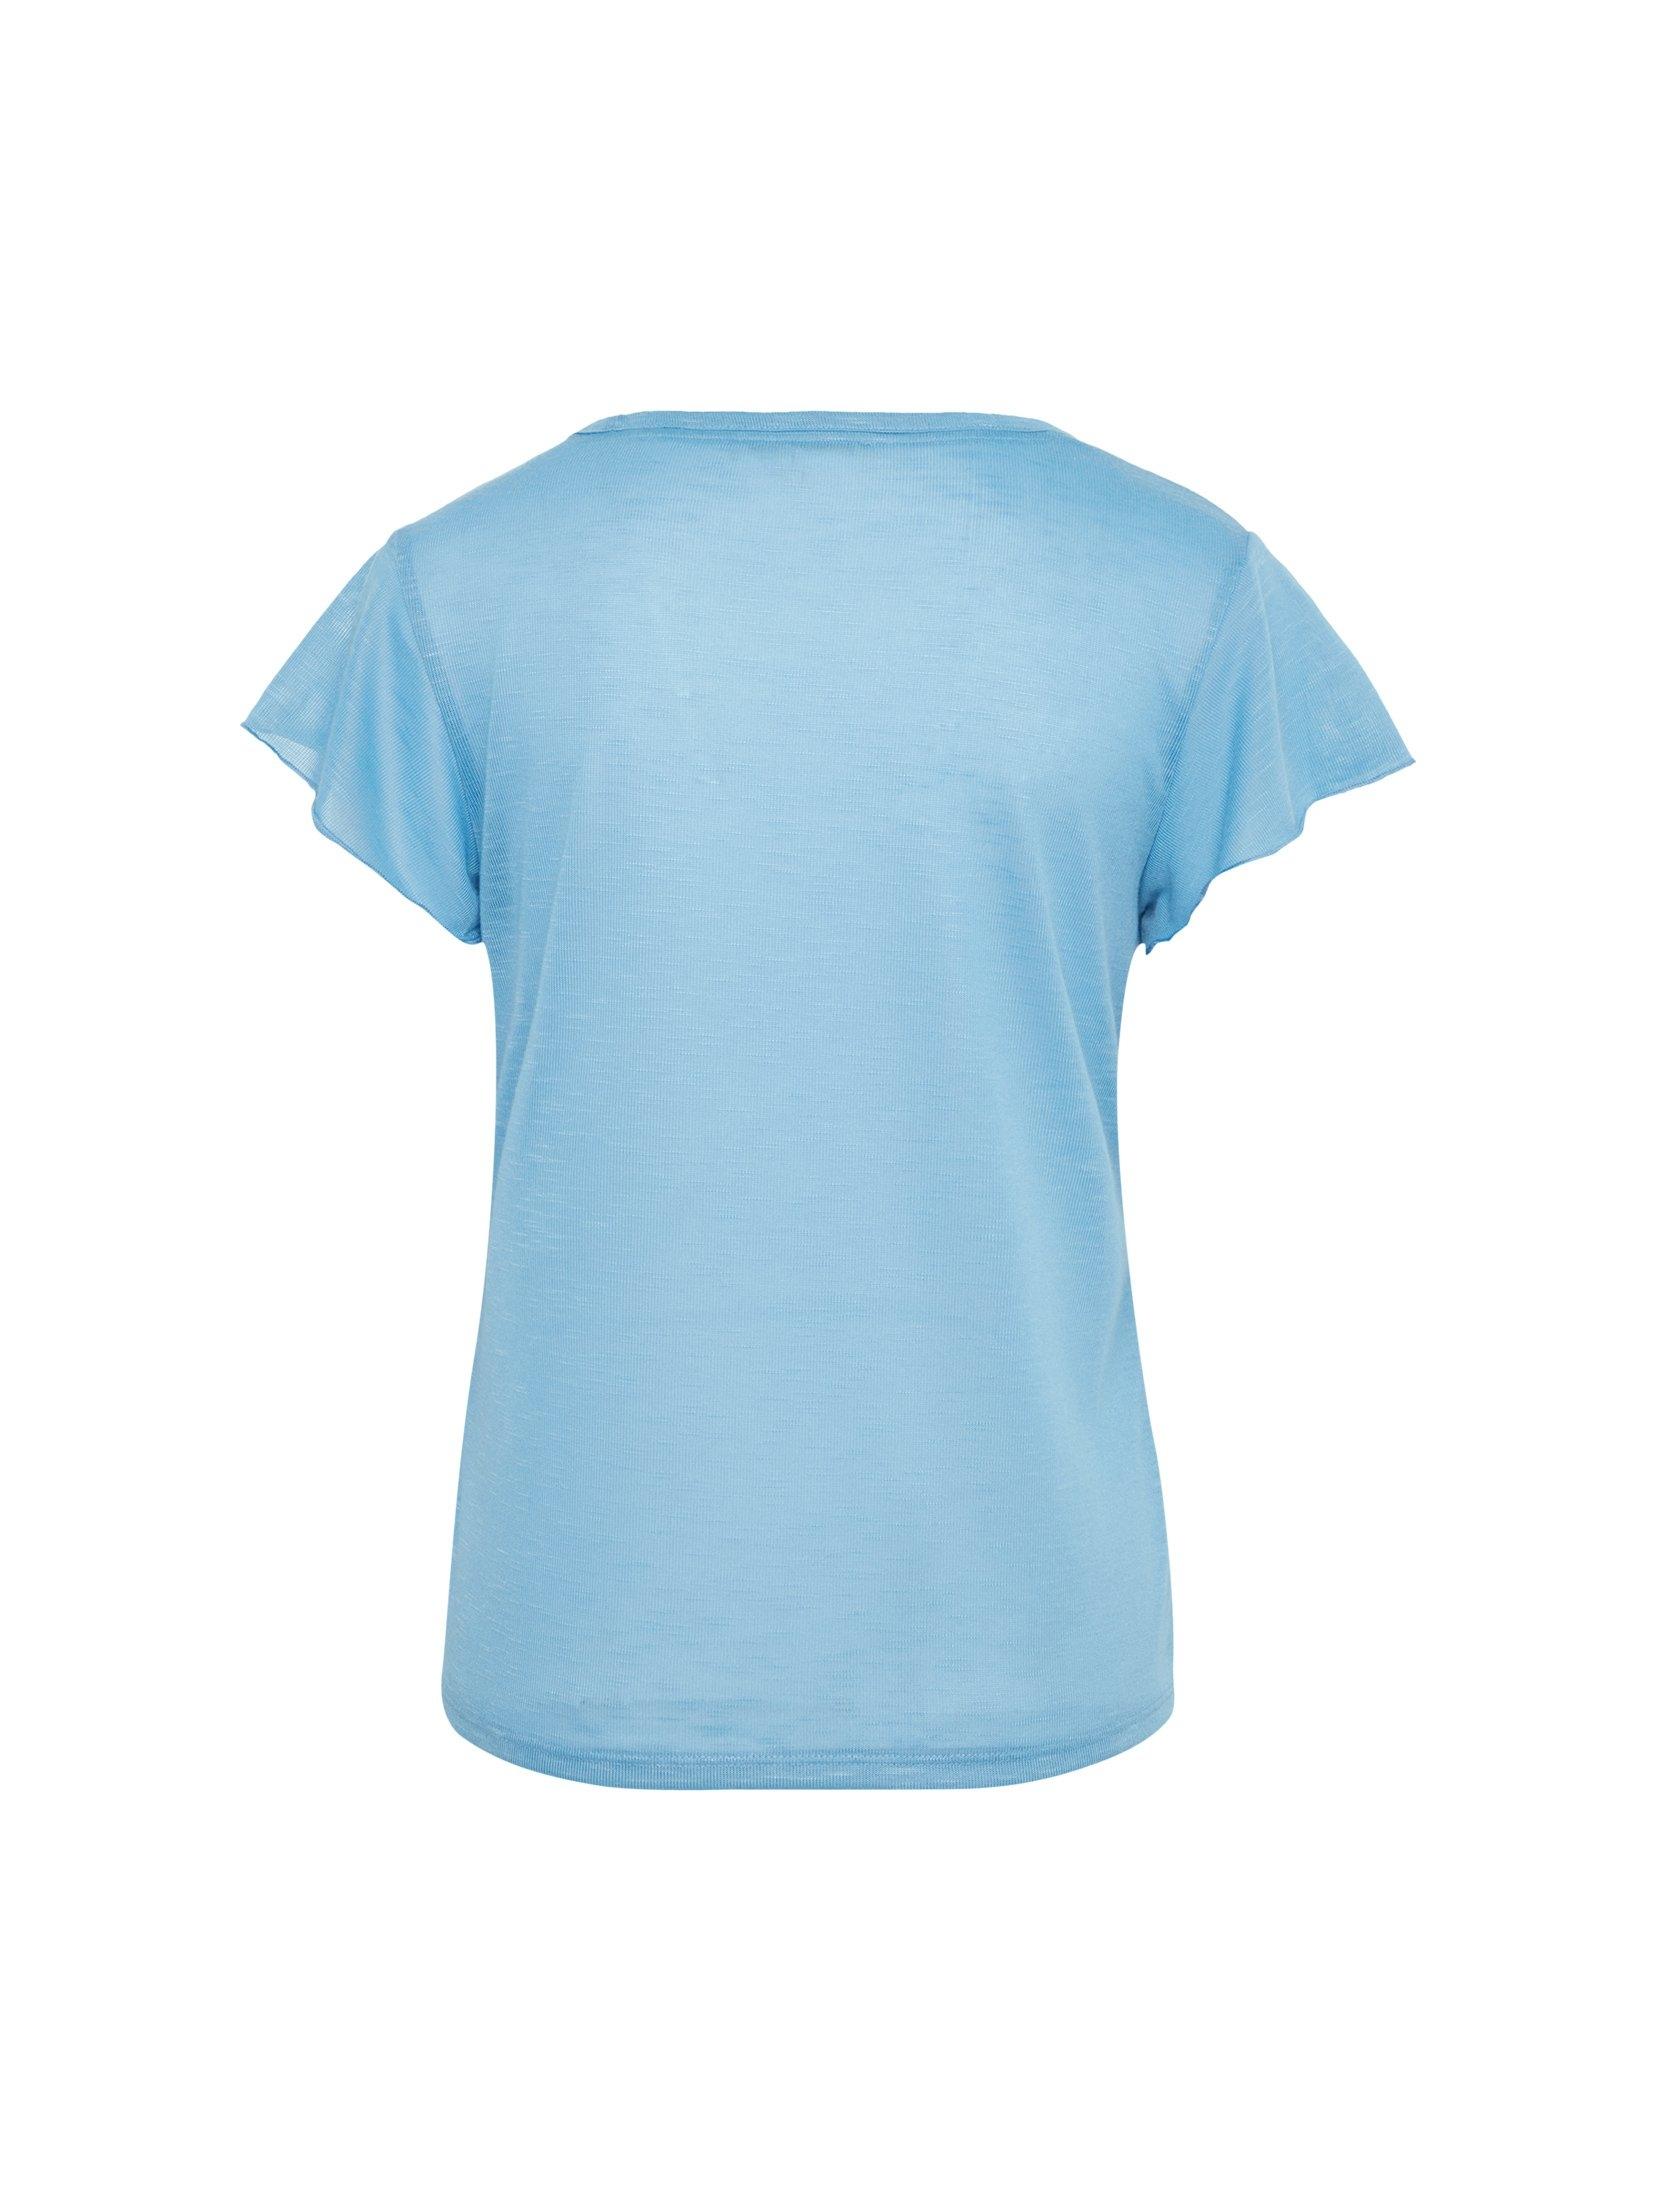 Online shirt Strook T Met Denim Tailor Verkrijgbaar Gehaakte Tom shirtt deorCxB